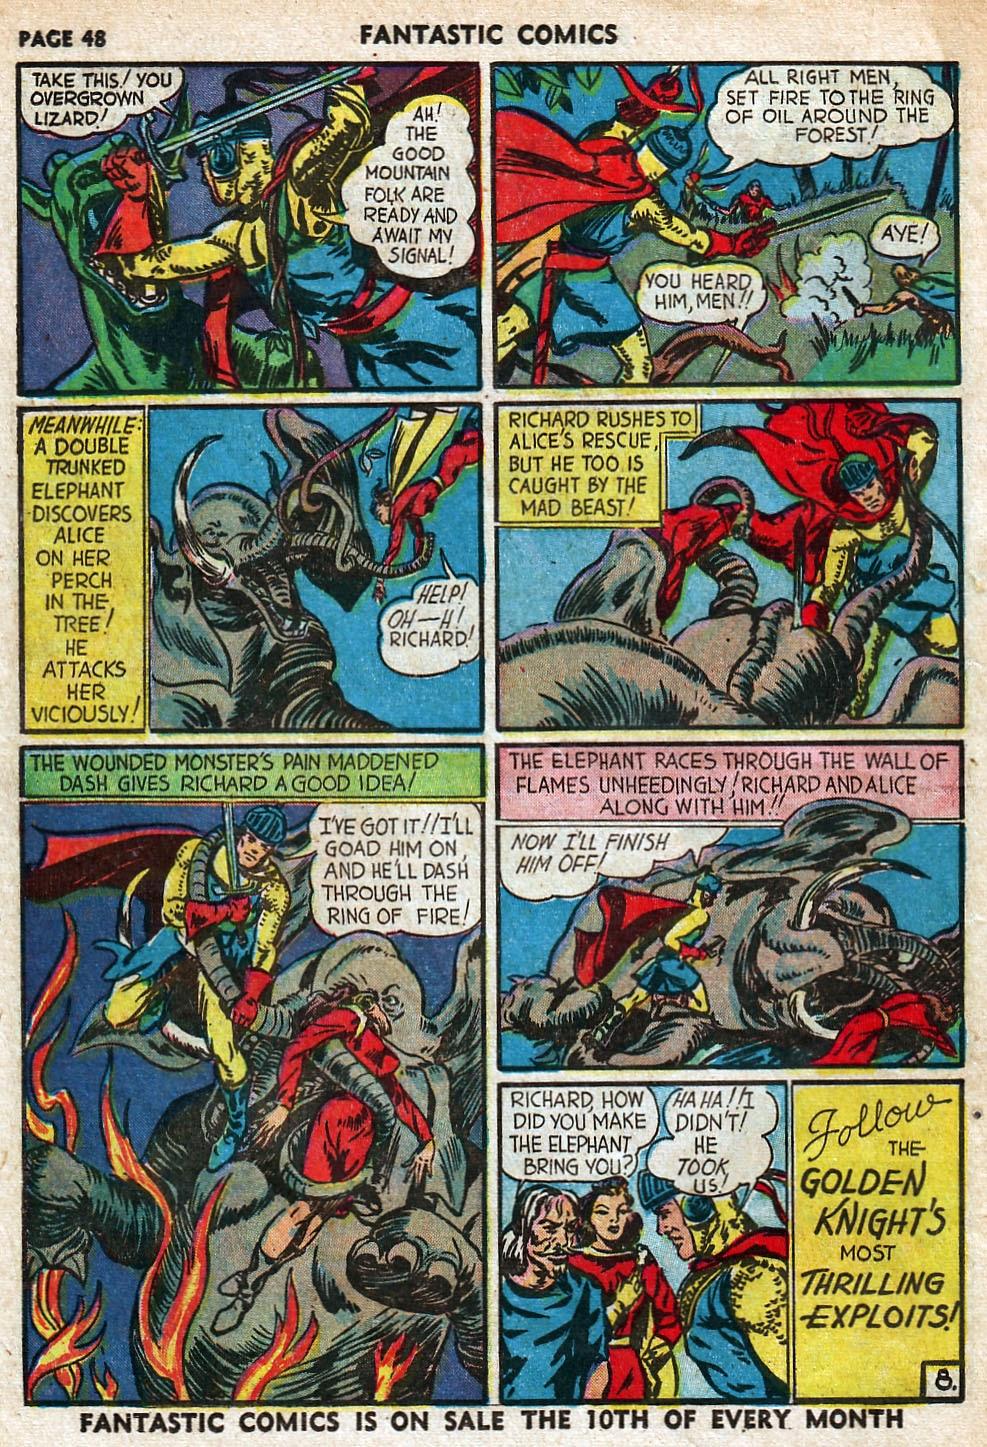 Read online Fantastic Comics comic -  Issue #18 - 50